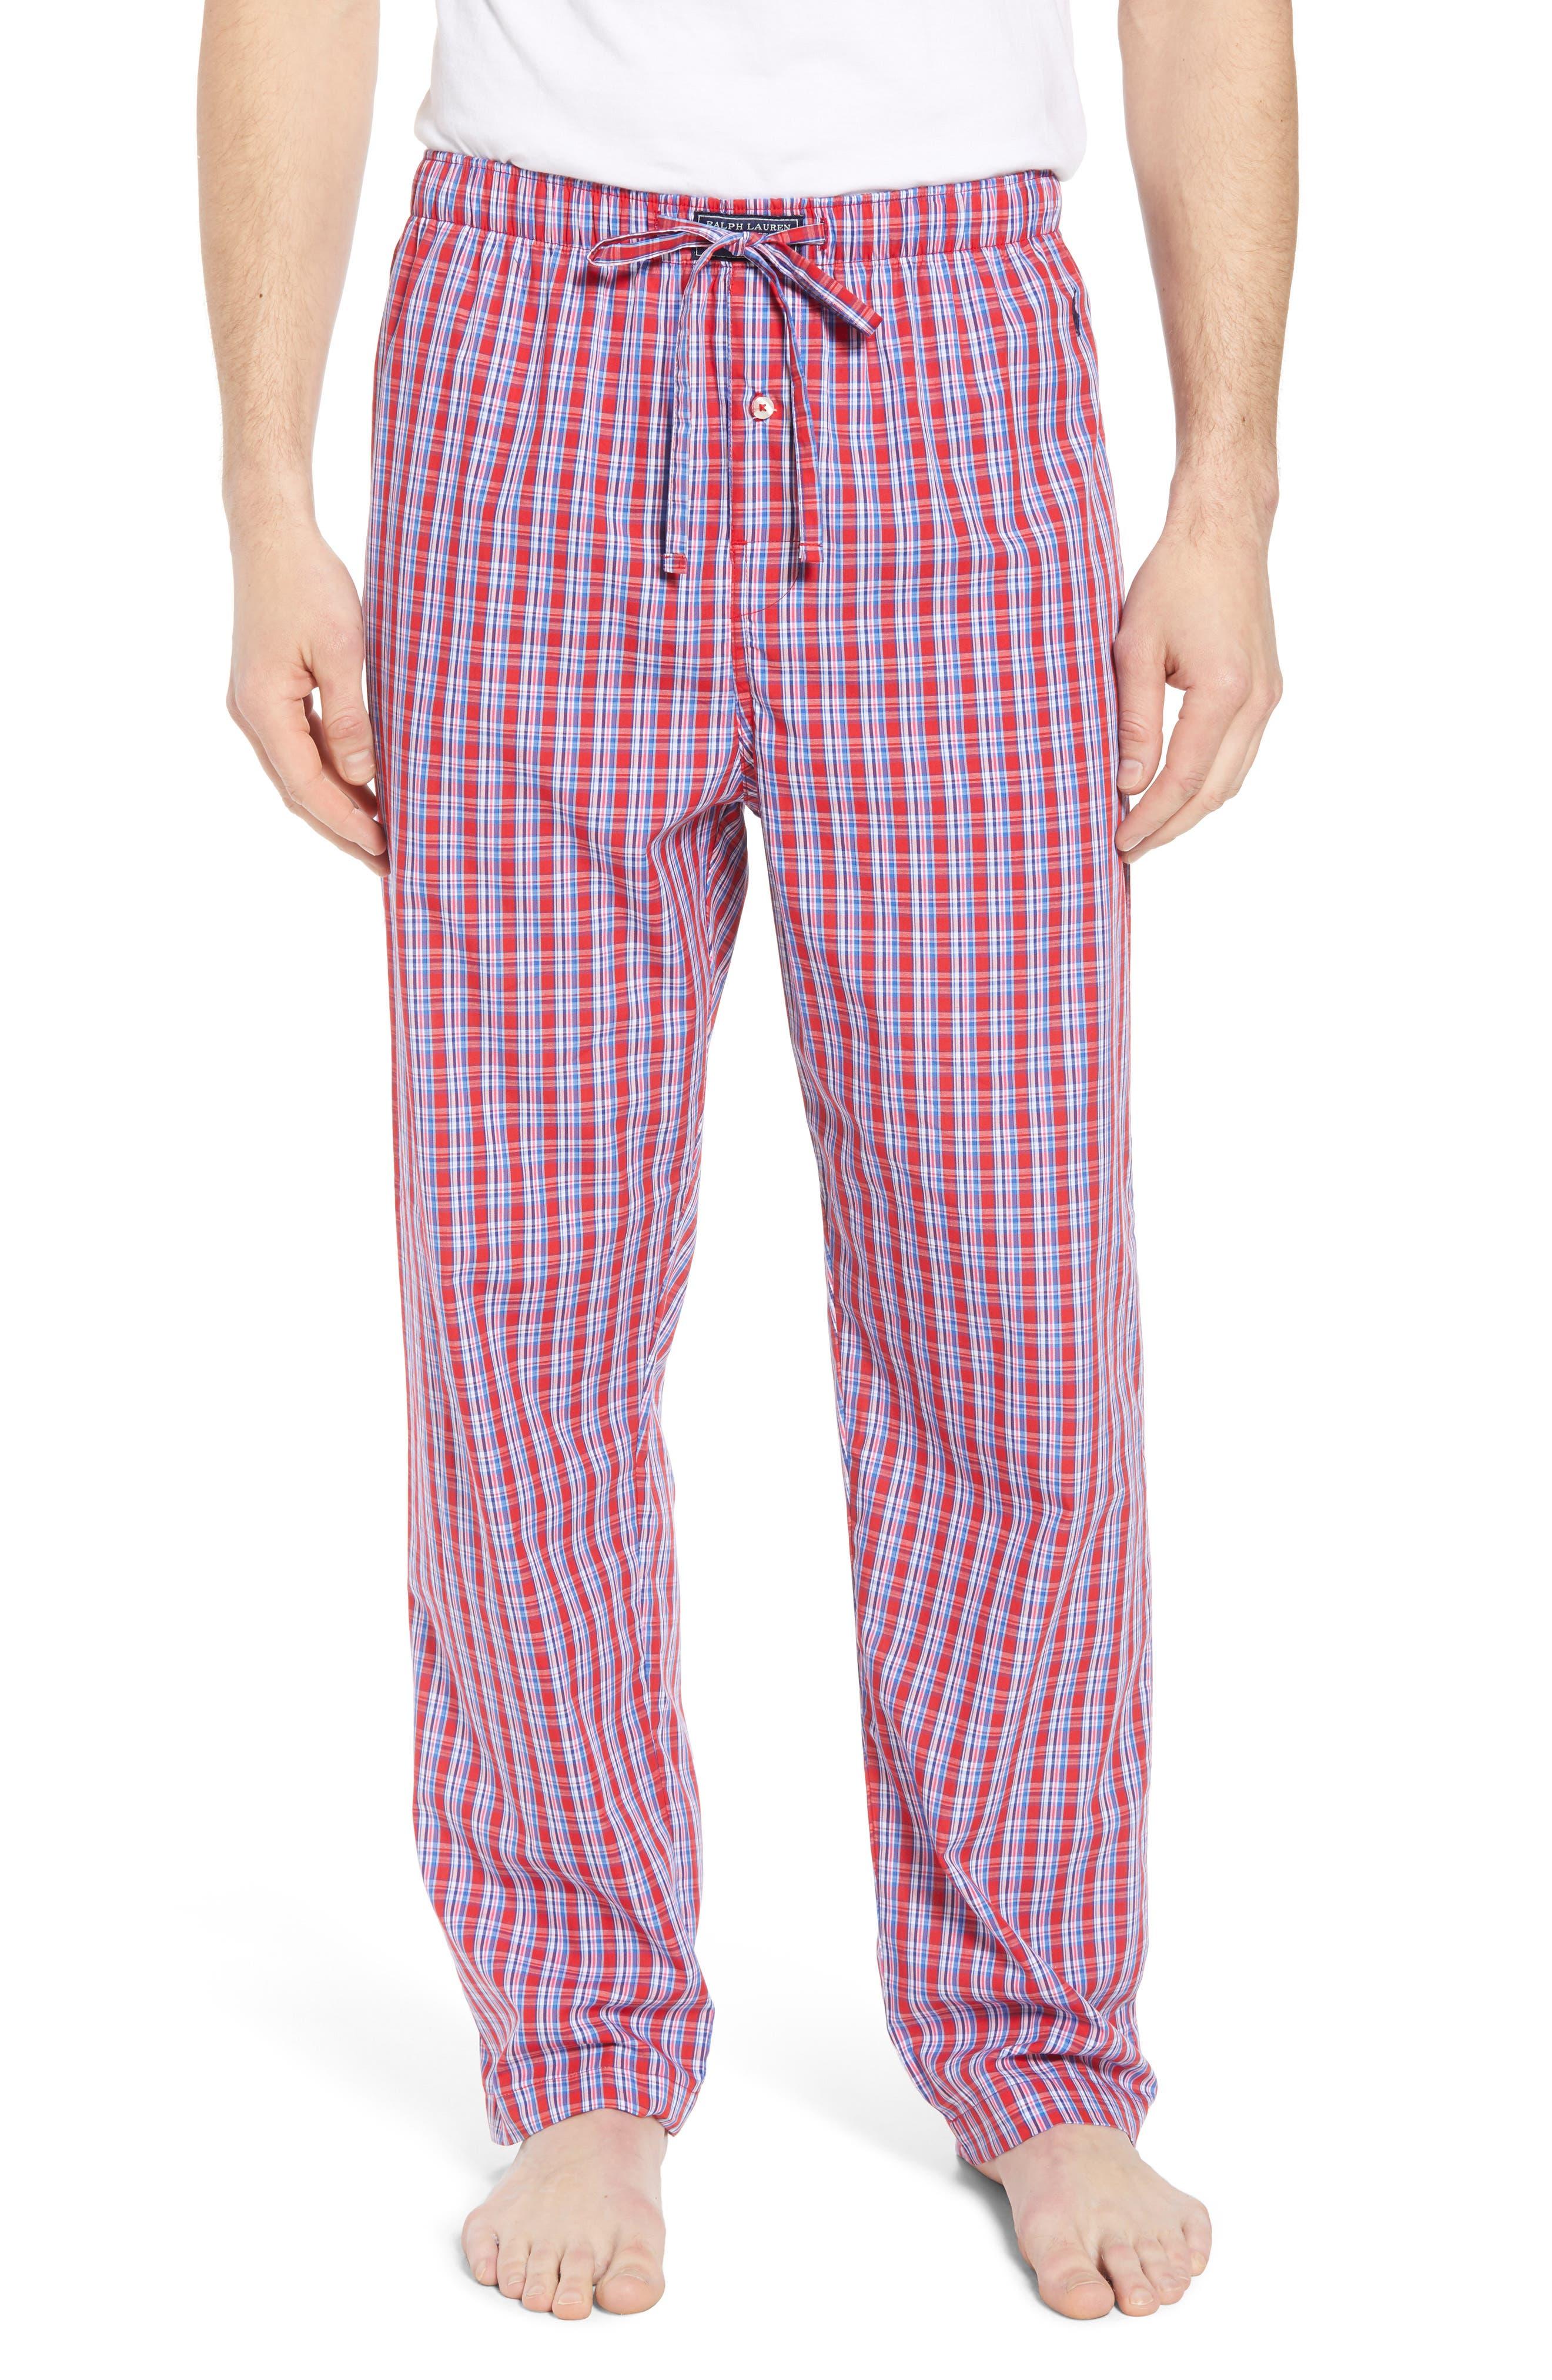 Cotton Lounge Pants,                             Main thumbnail 1, color,                             NEWPORT PLAID/ NAVY